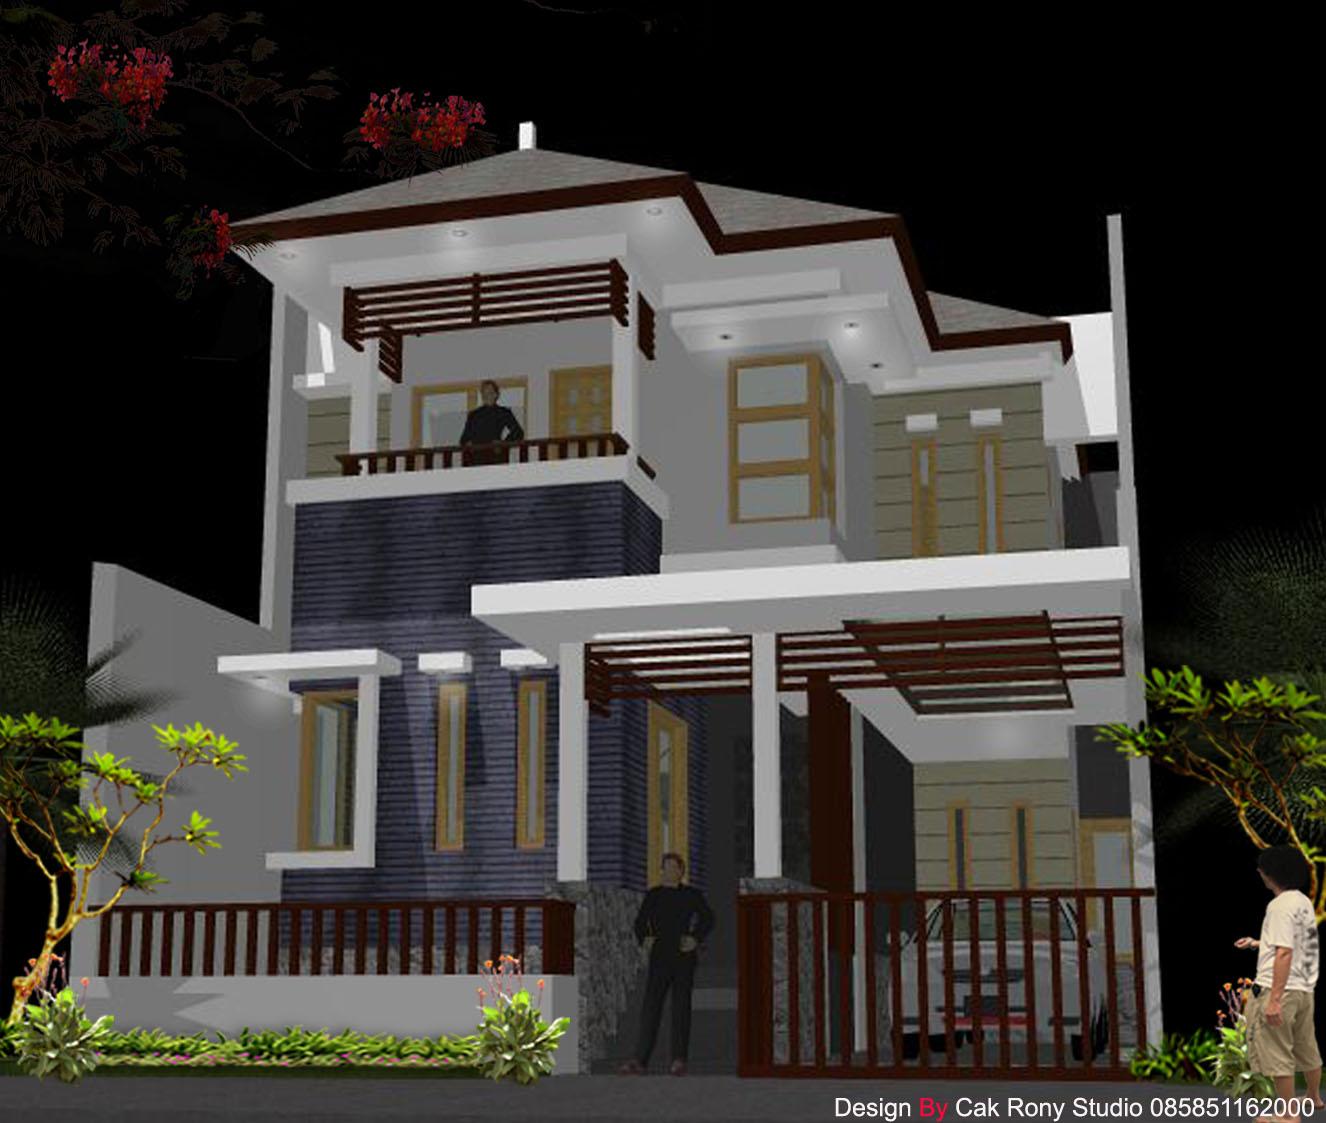 Ragam inspirasi Contoh Model Teras Rumah Minimalis 2015 yg indah